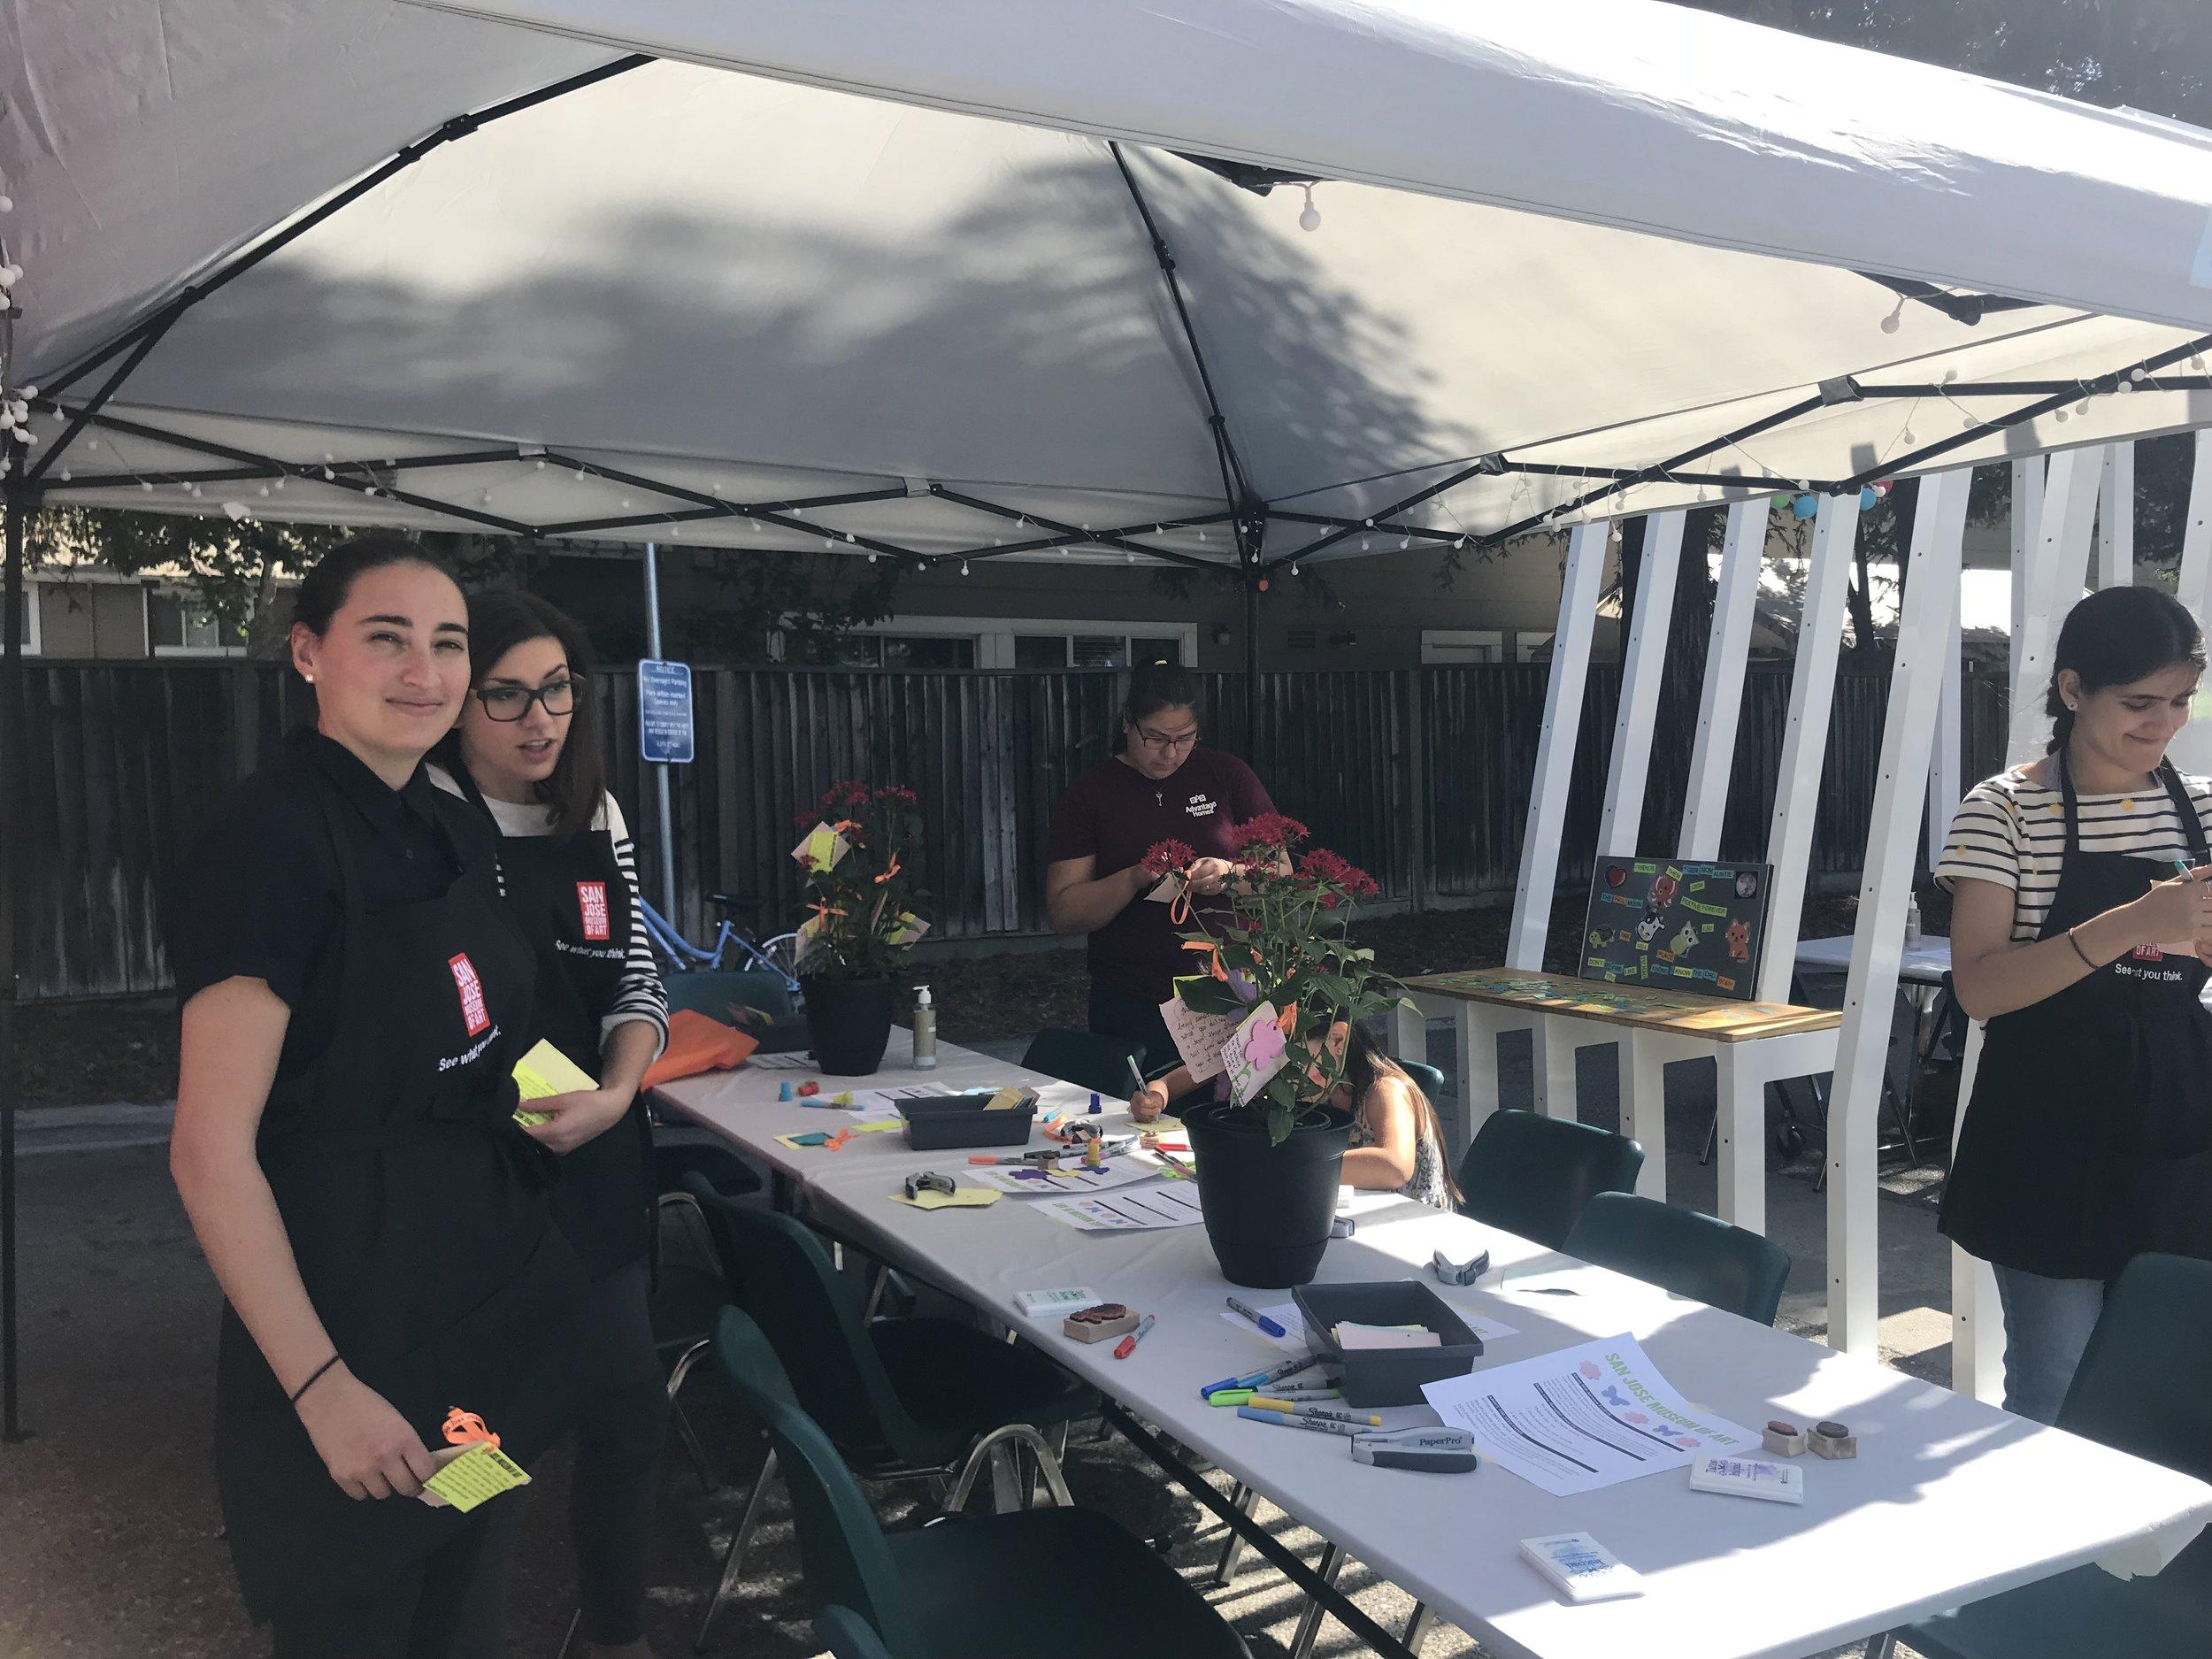 Nhân viên trong gian hàng trồng hoa trên giấy đang chào đón quan khách.